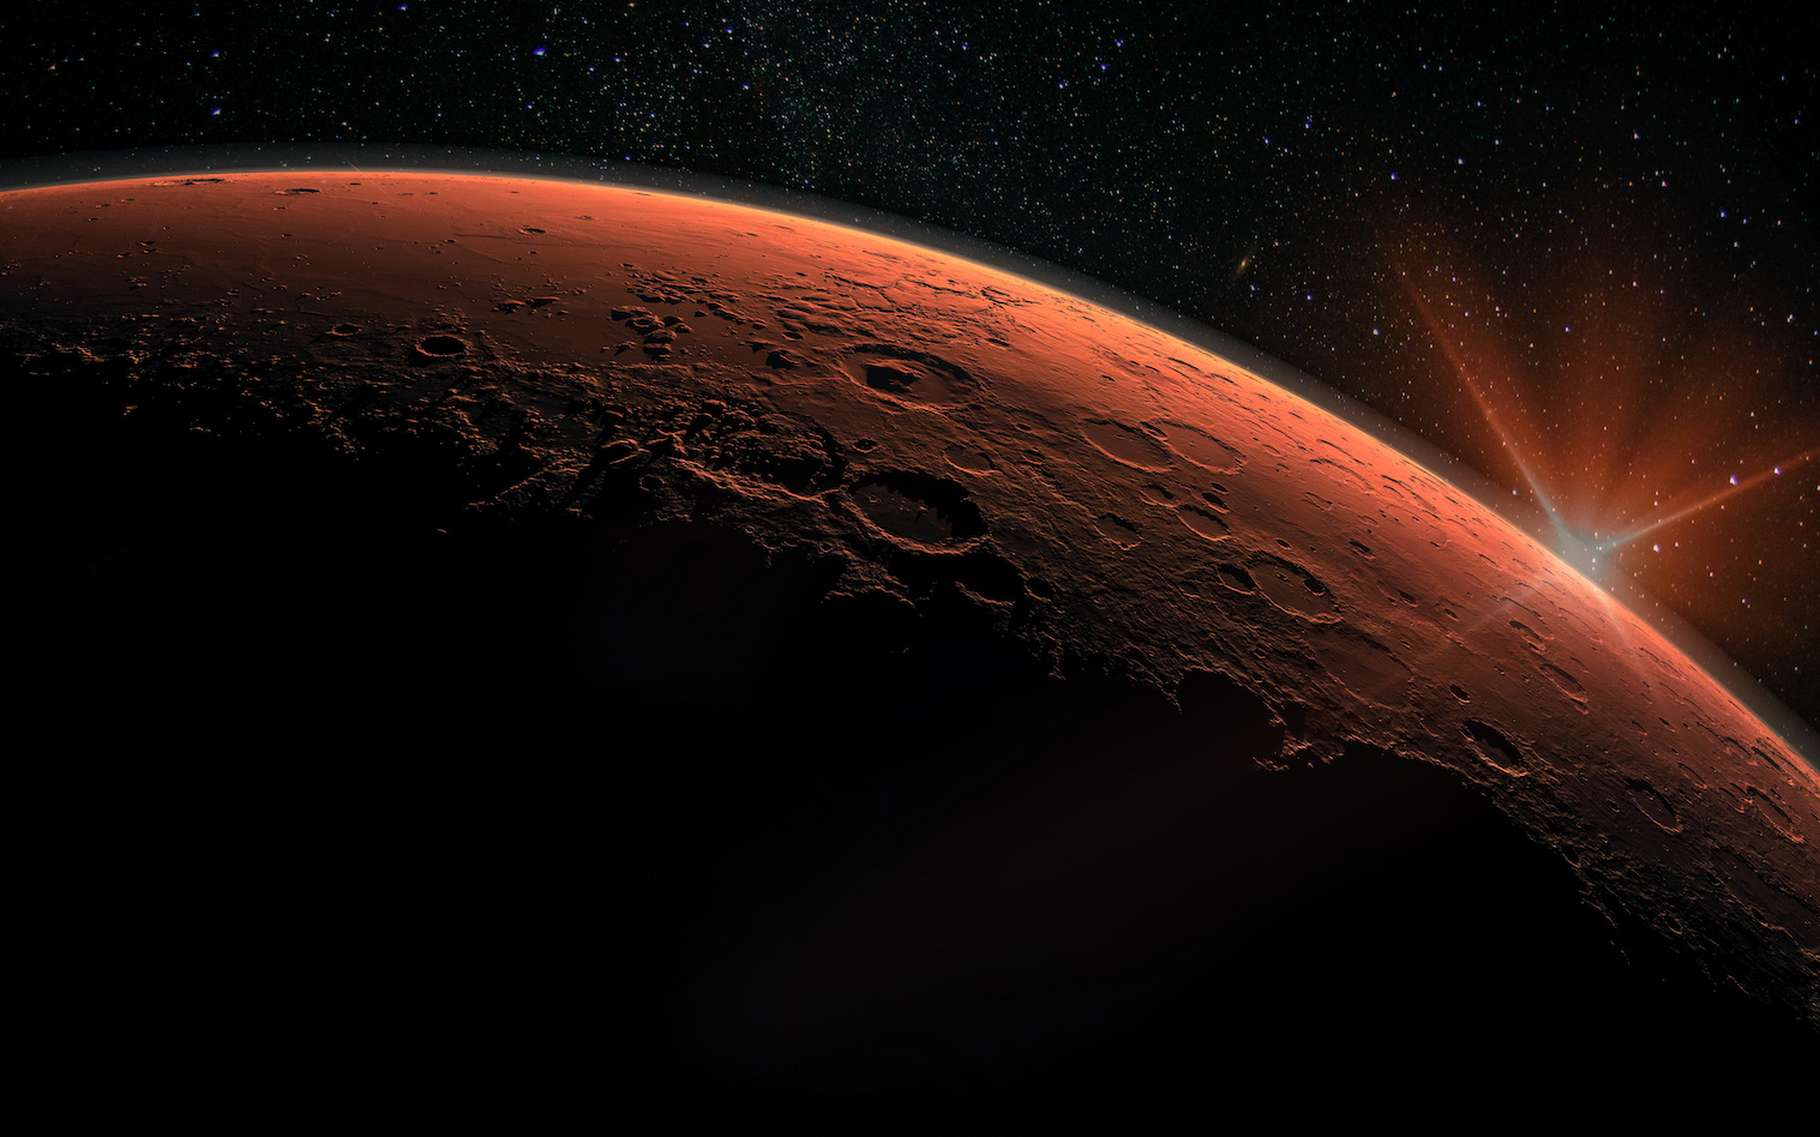 Des données transmises par le rover Curiosity depuis Mars révèlent des fluctuations inattendues de l'oxygène au-dessus du cratère Gale. © elen31, Adobe Stock